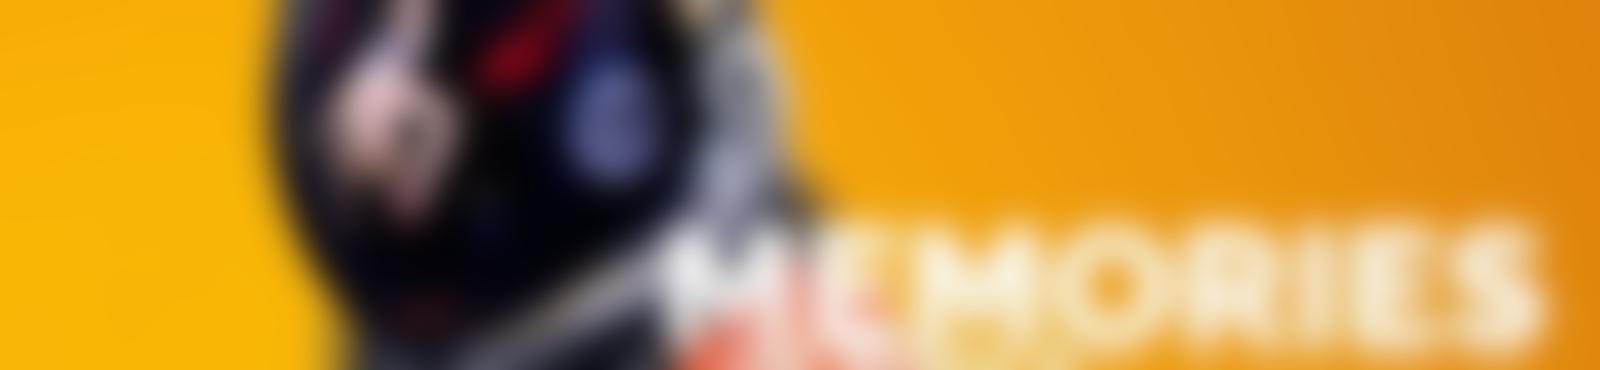 Blurred 7d158bb2 5aad 4259 b247 3ec0205a5ff8